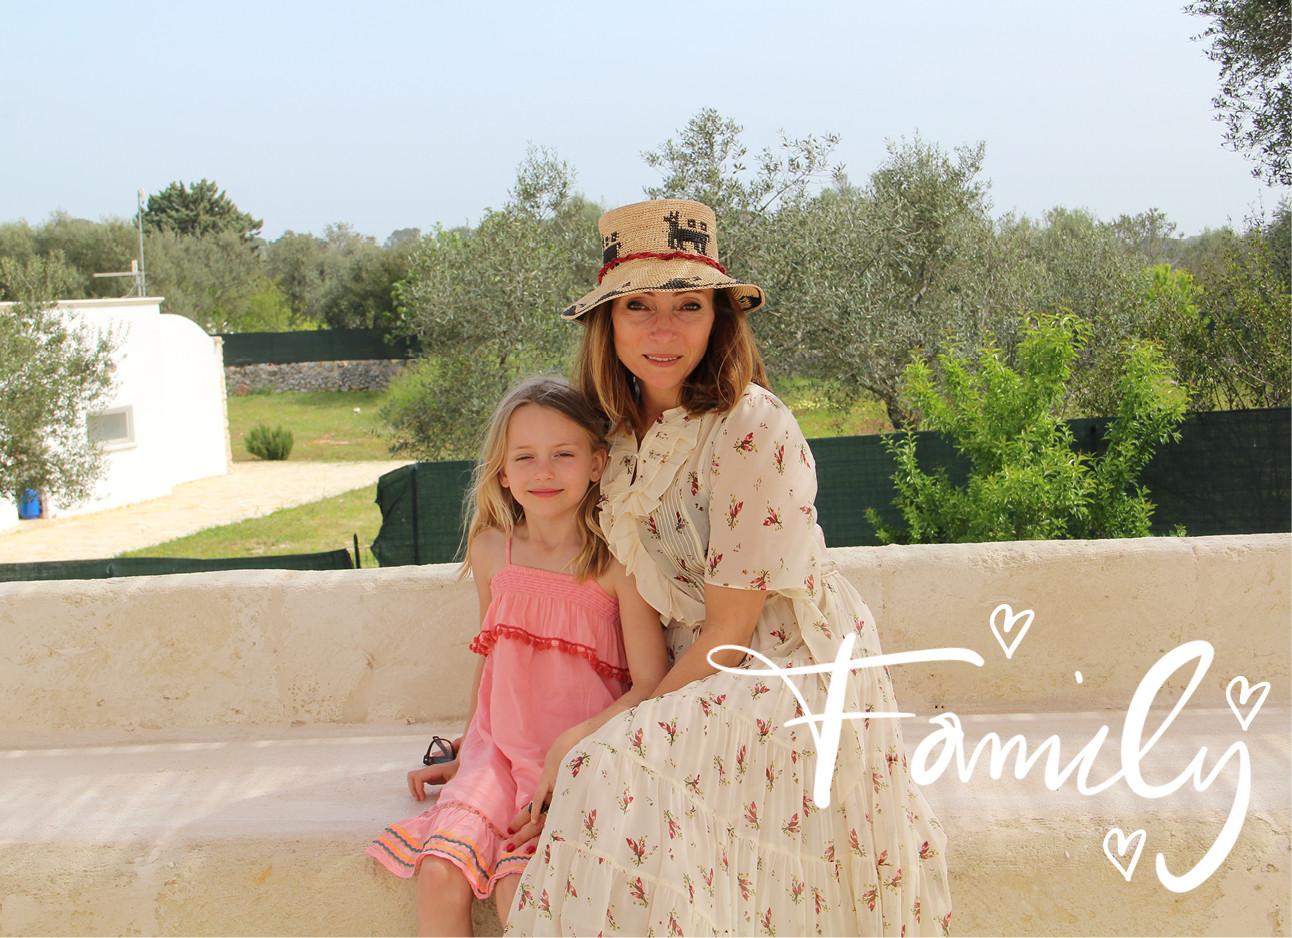 may-britt mobach met haar dochtertje op vakantie, zomerjurk, roze jurkje, zomerhoed, family